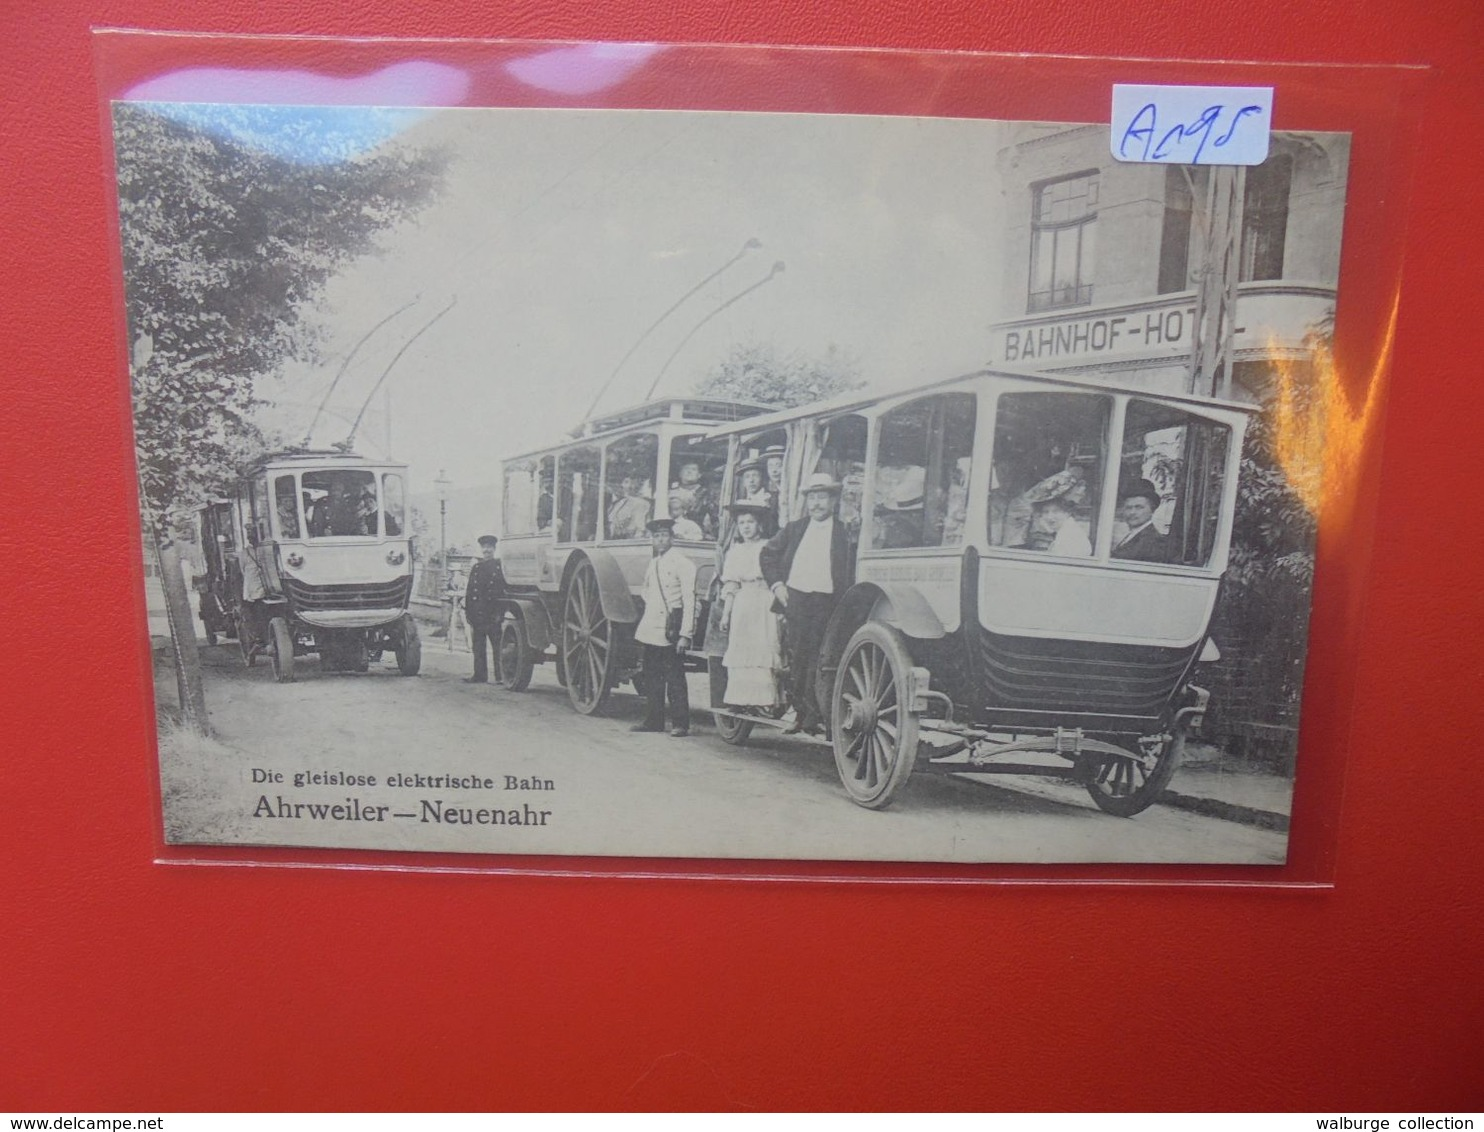 Ahrweiler-Neuenahr Elektrische Bahn Tram 1913 Bahnof-Hôtel (A195) - Bad Neuenahr-Ahrweiler